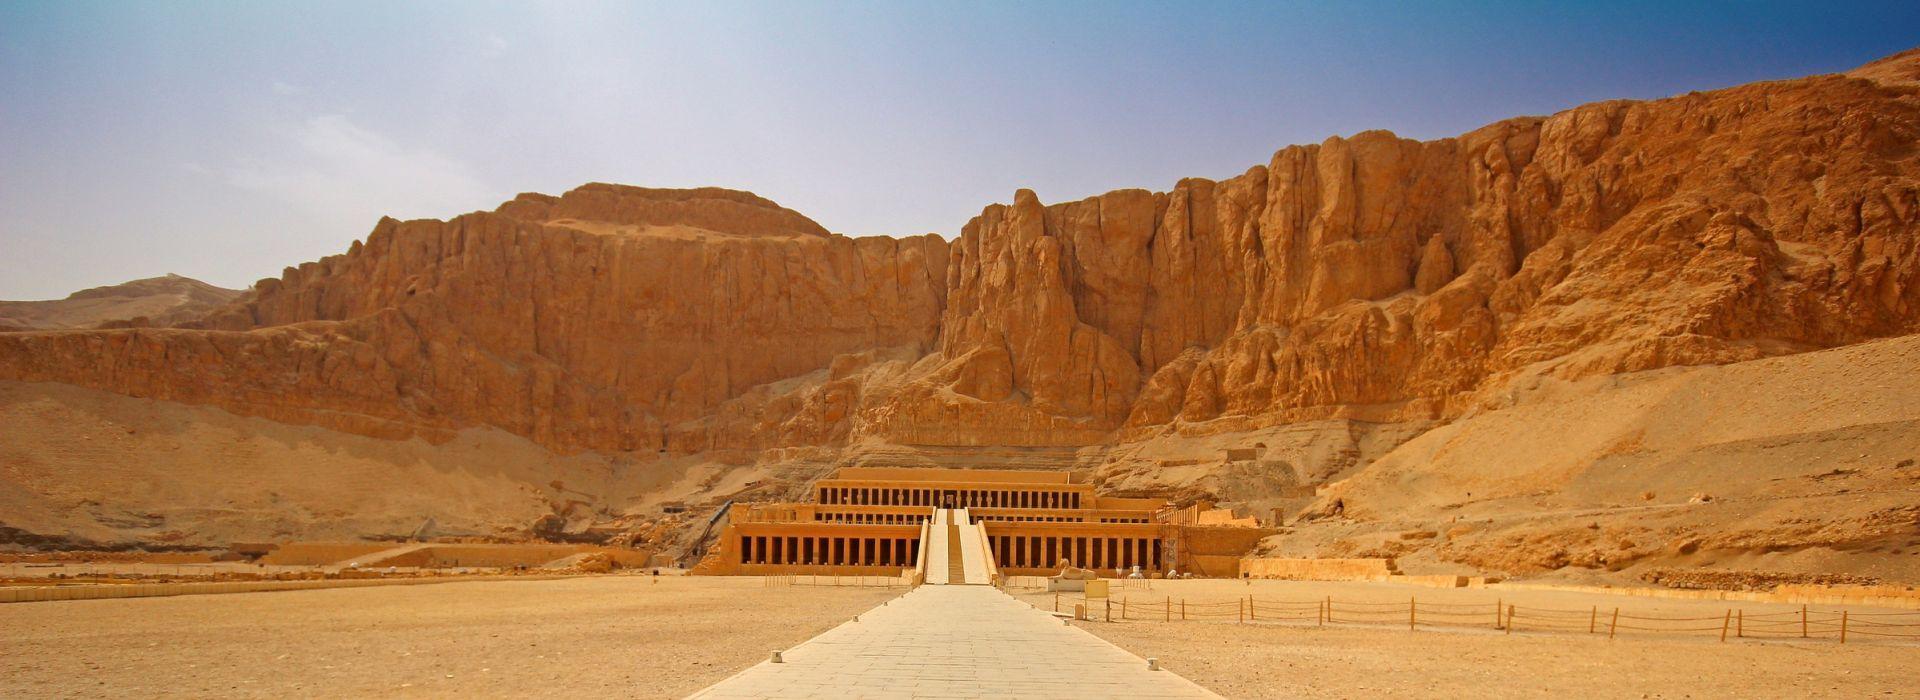 Sightseeing Tours in Aswan